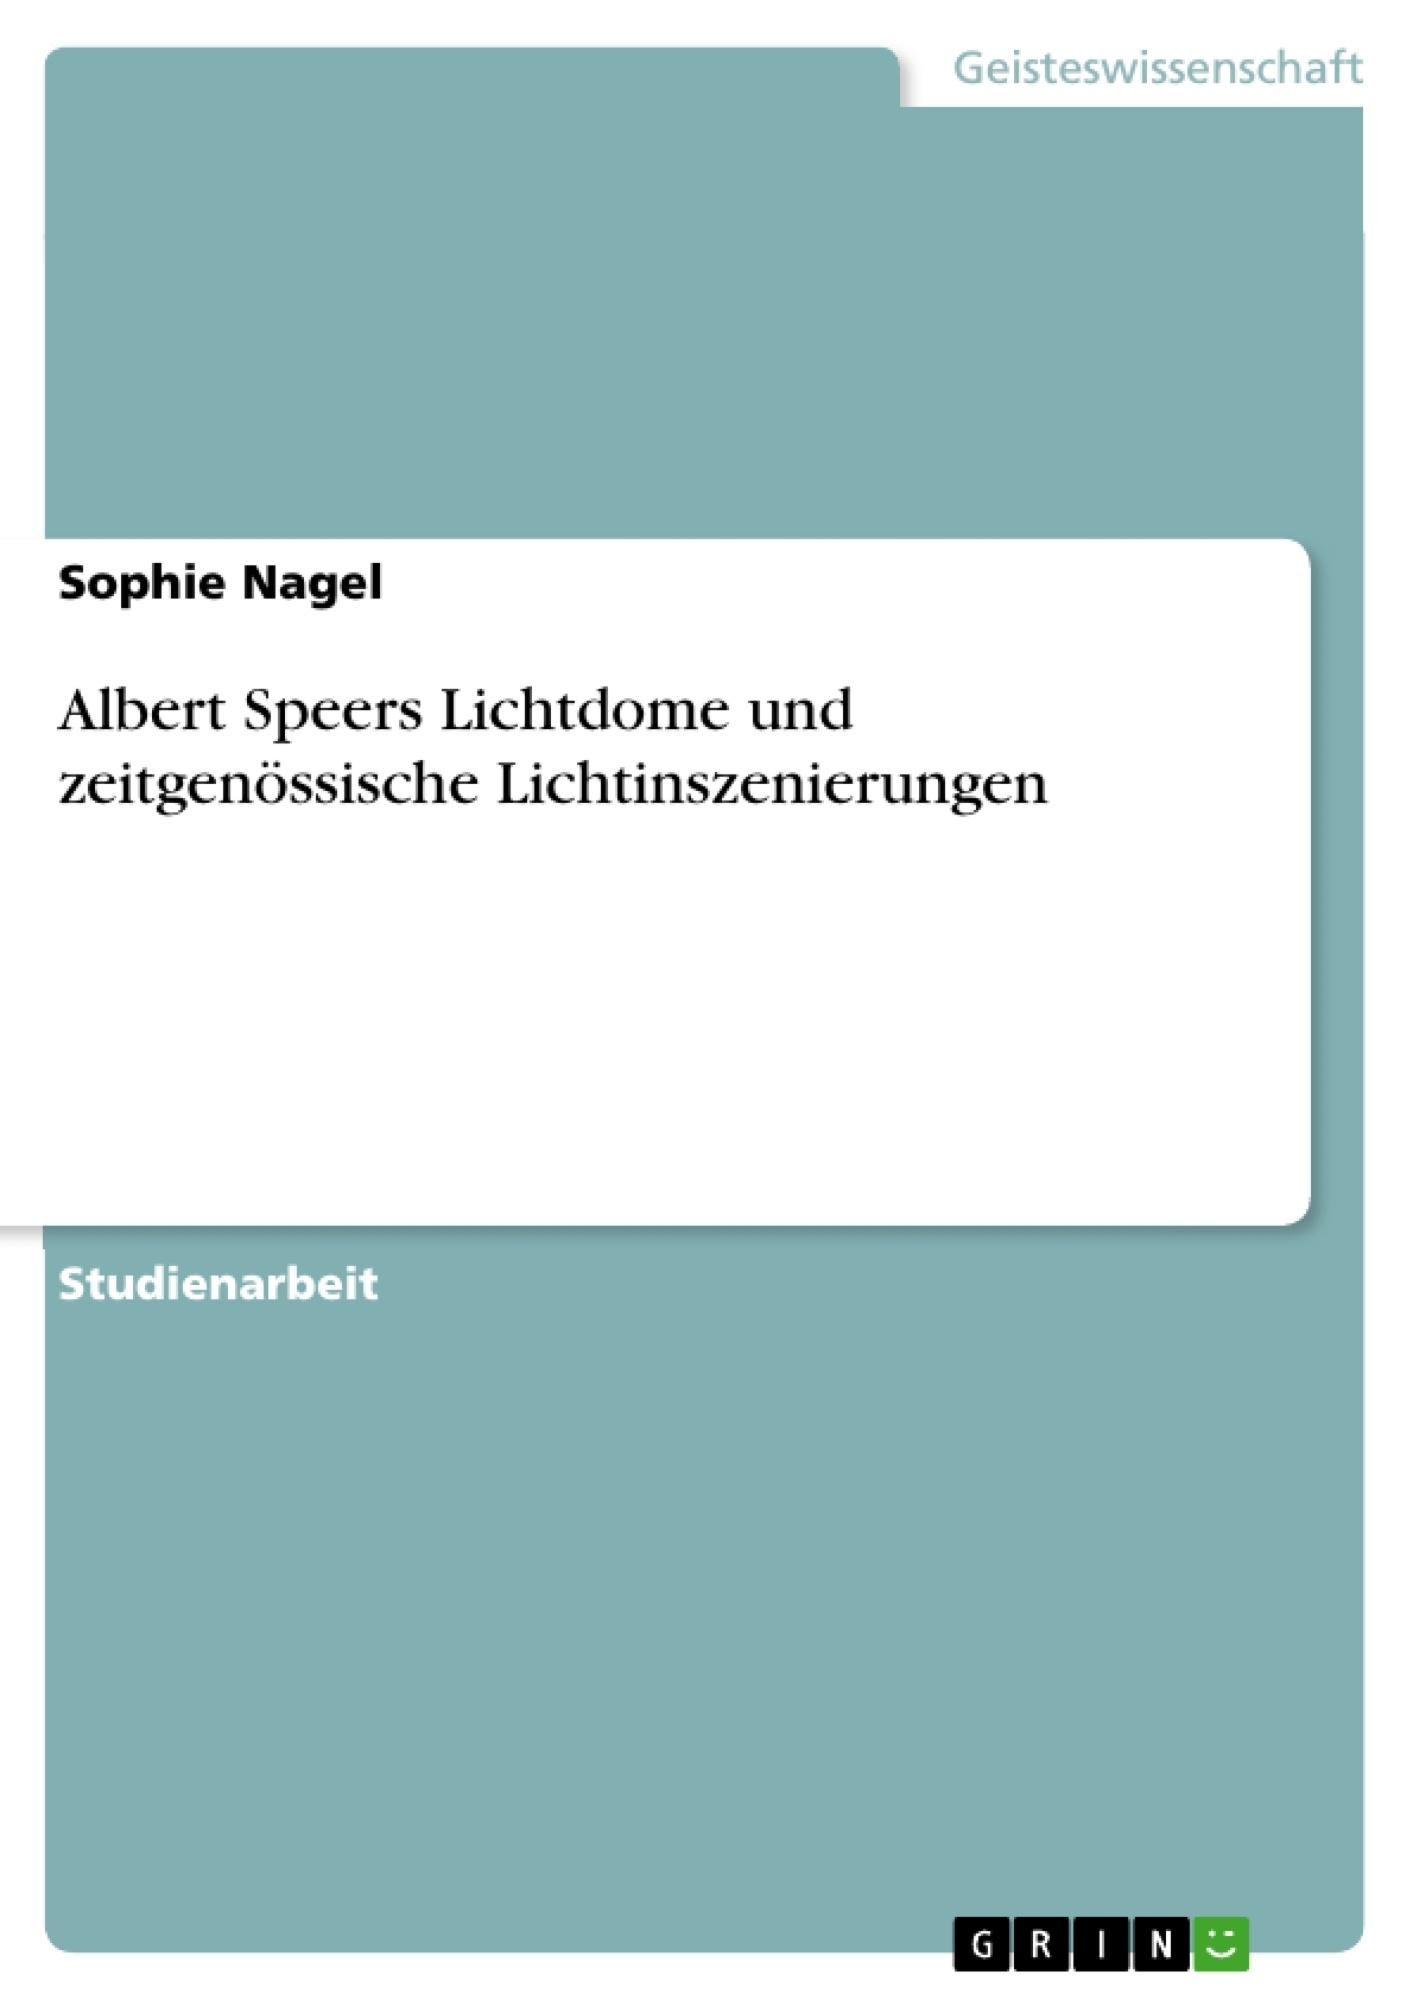 Titel: Albert Speers Lichtdome und zeitgenössische Lichtinszenierungen